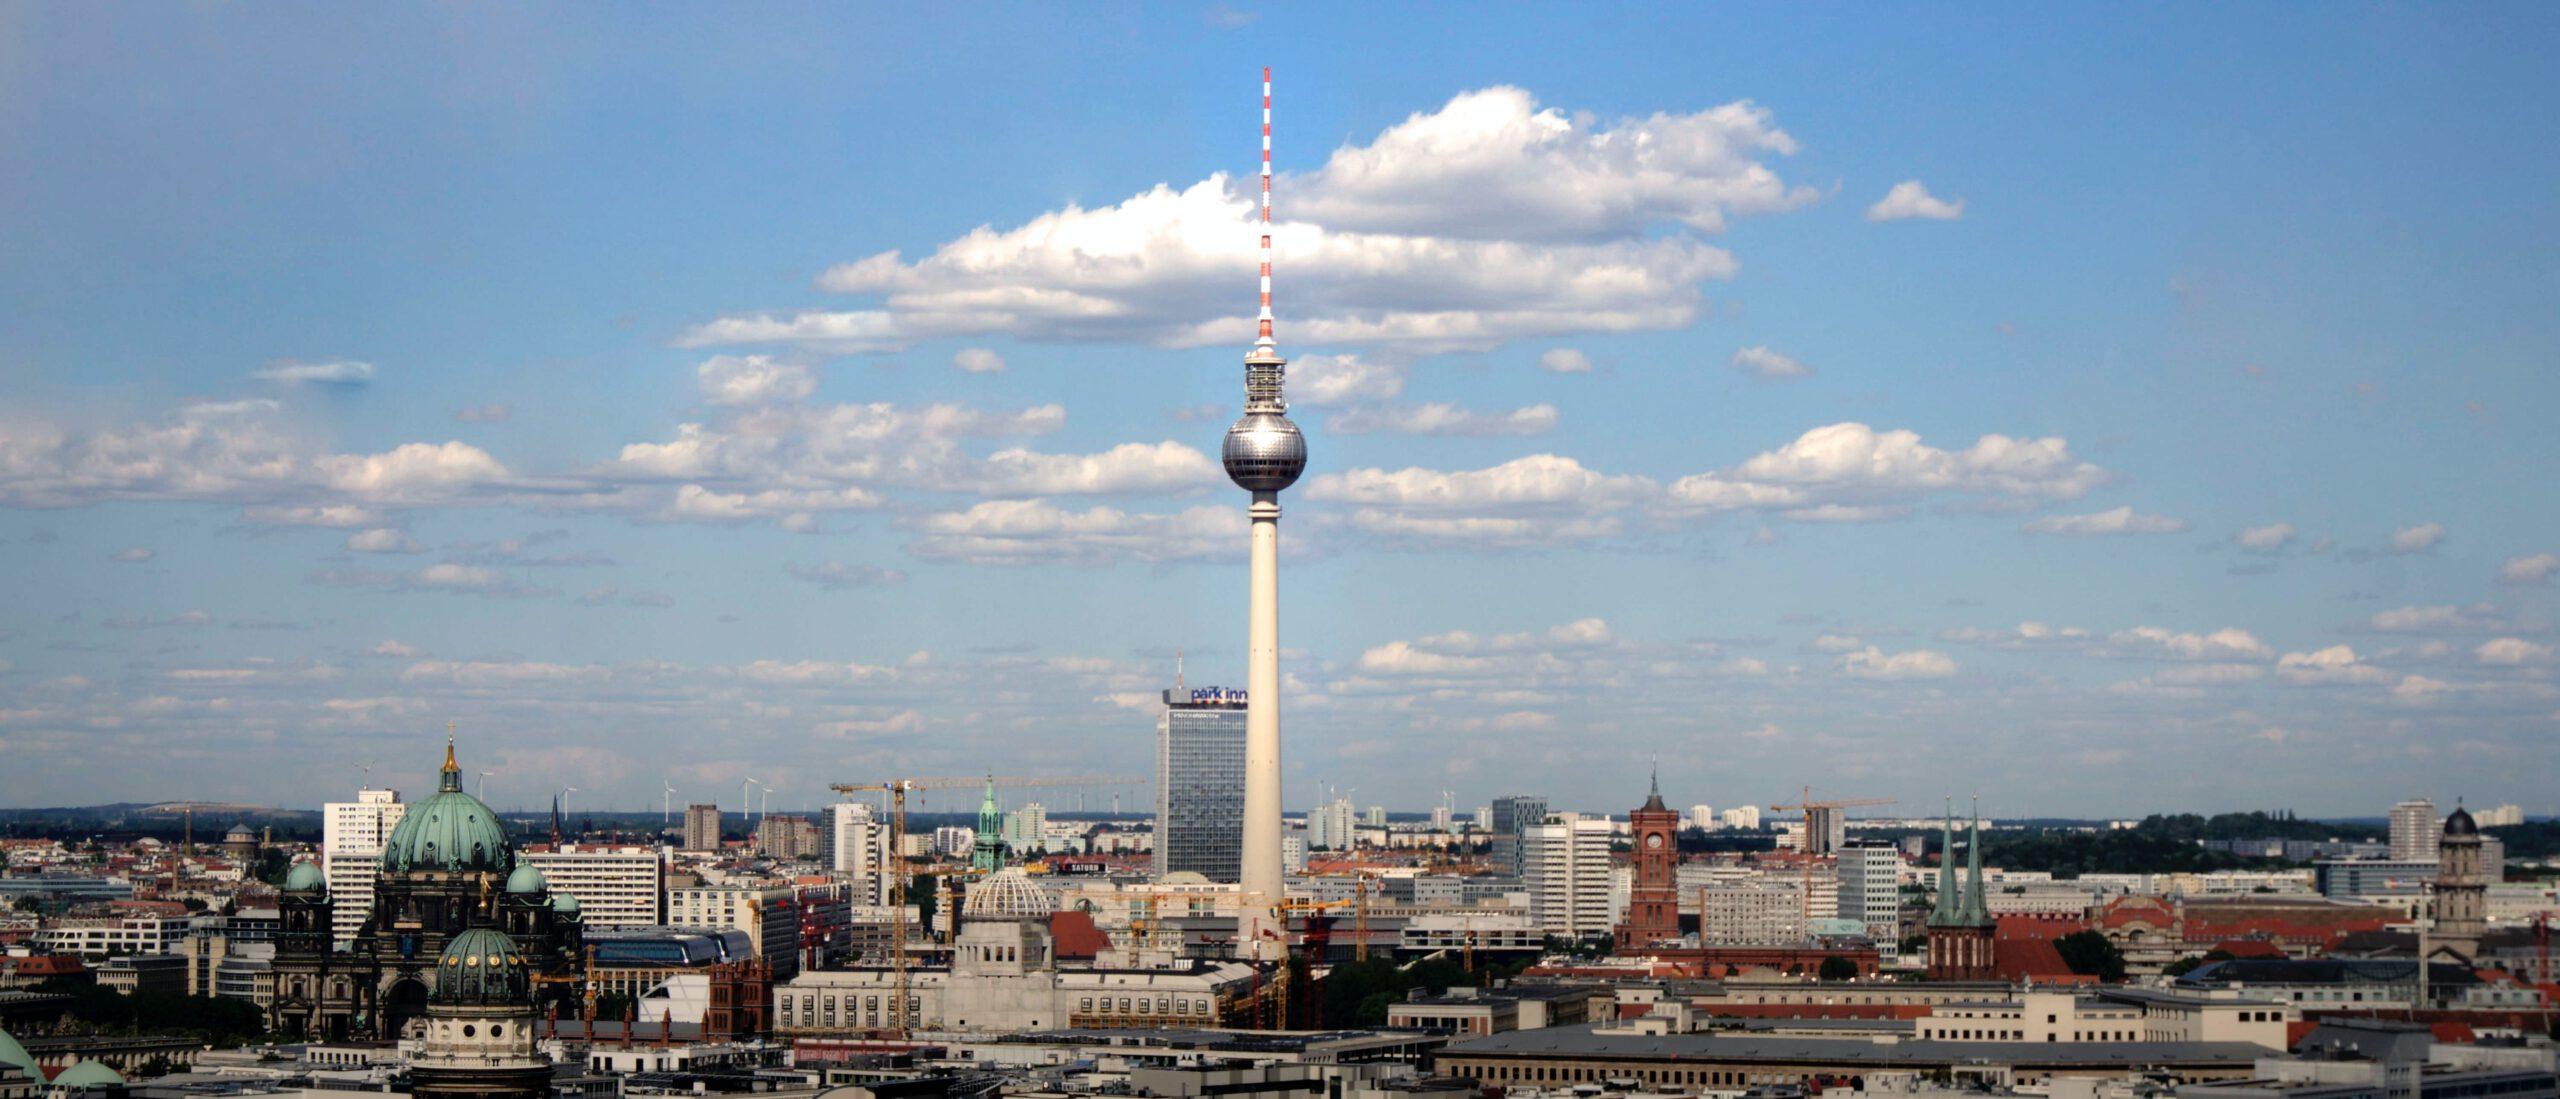 Über uns - Einsatzgebiete Berlin | GSD Dienstleistung